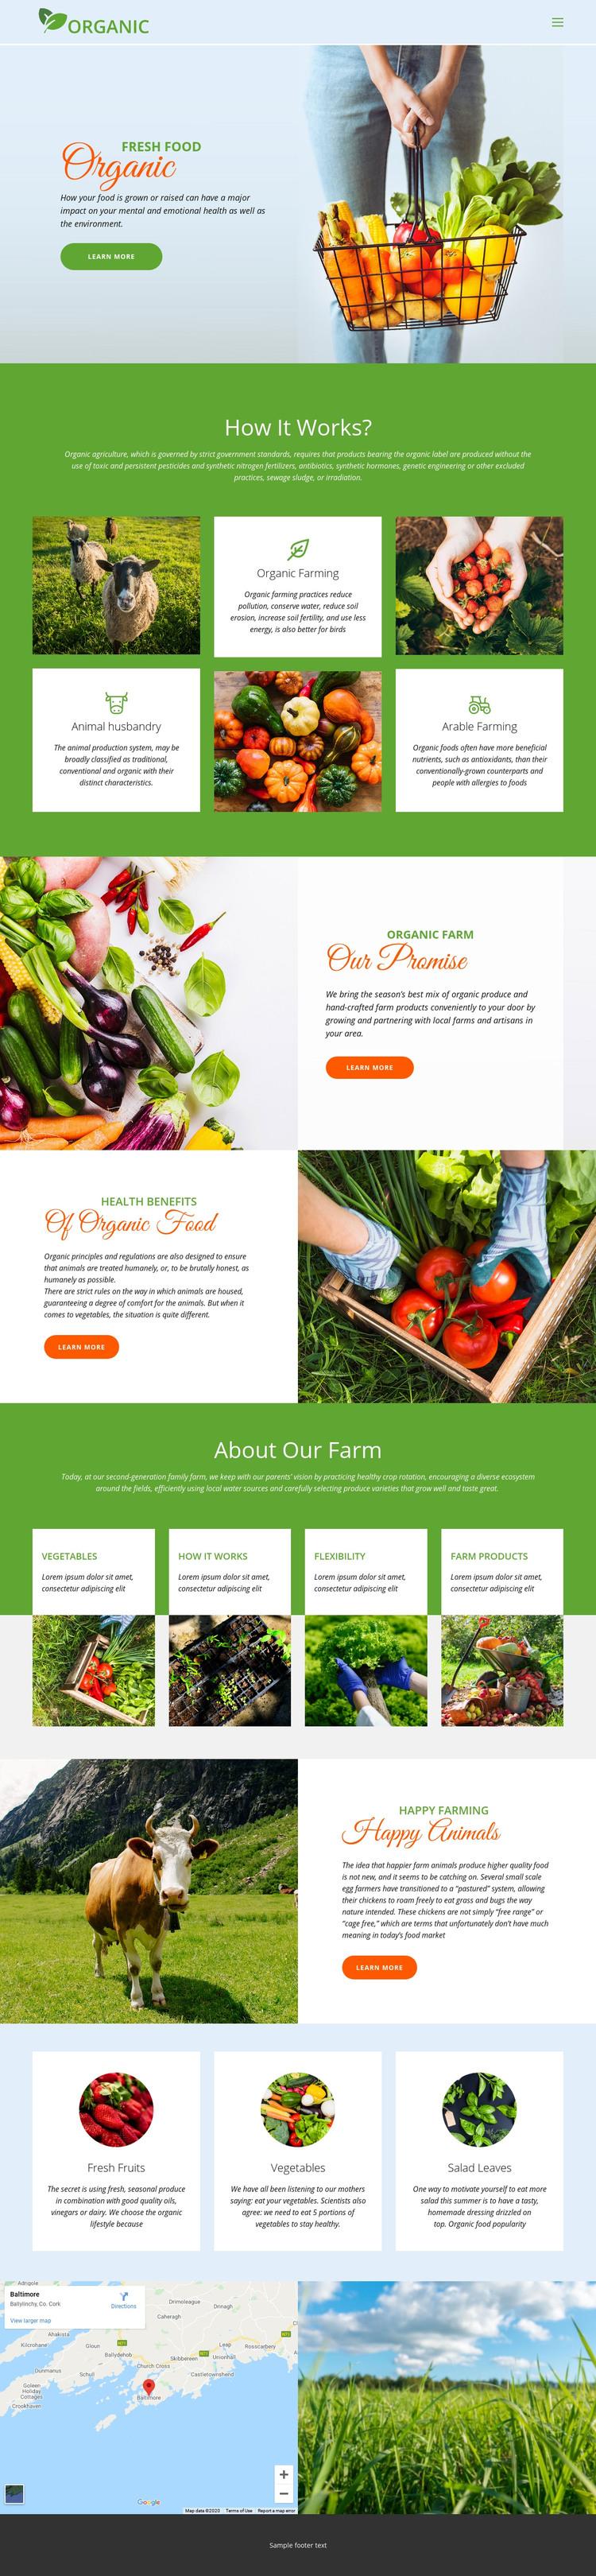 Eat best organic food Homepage Design